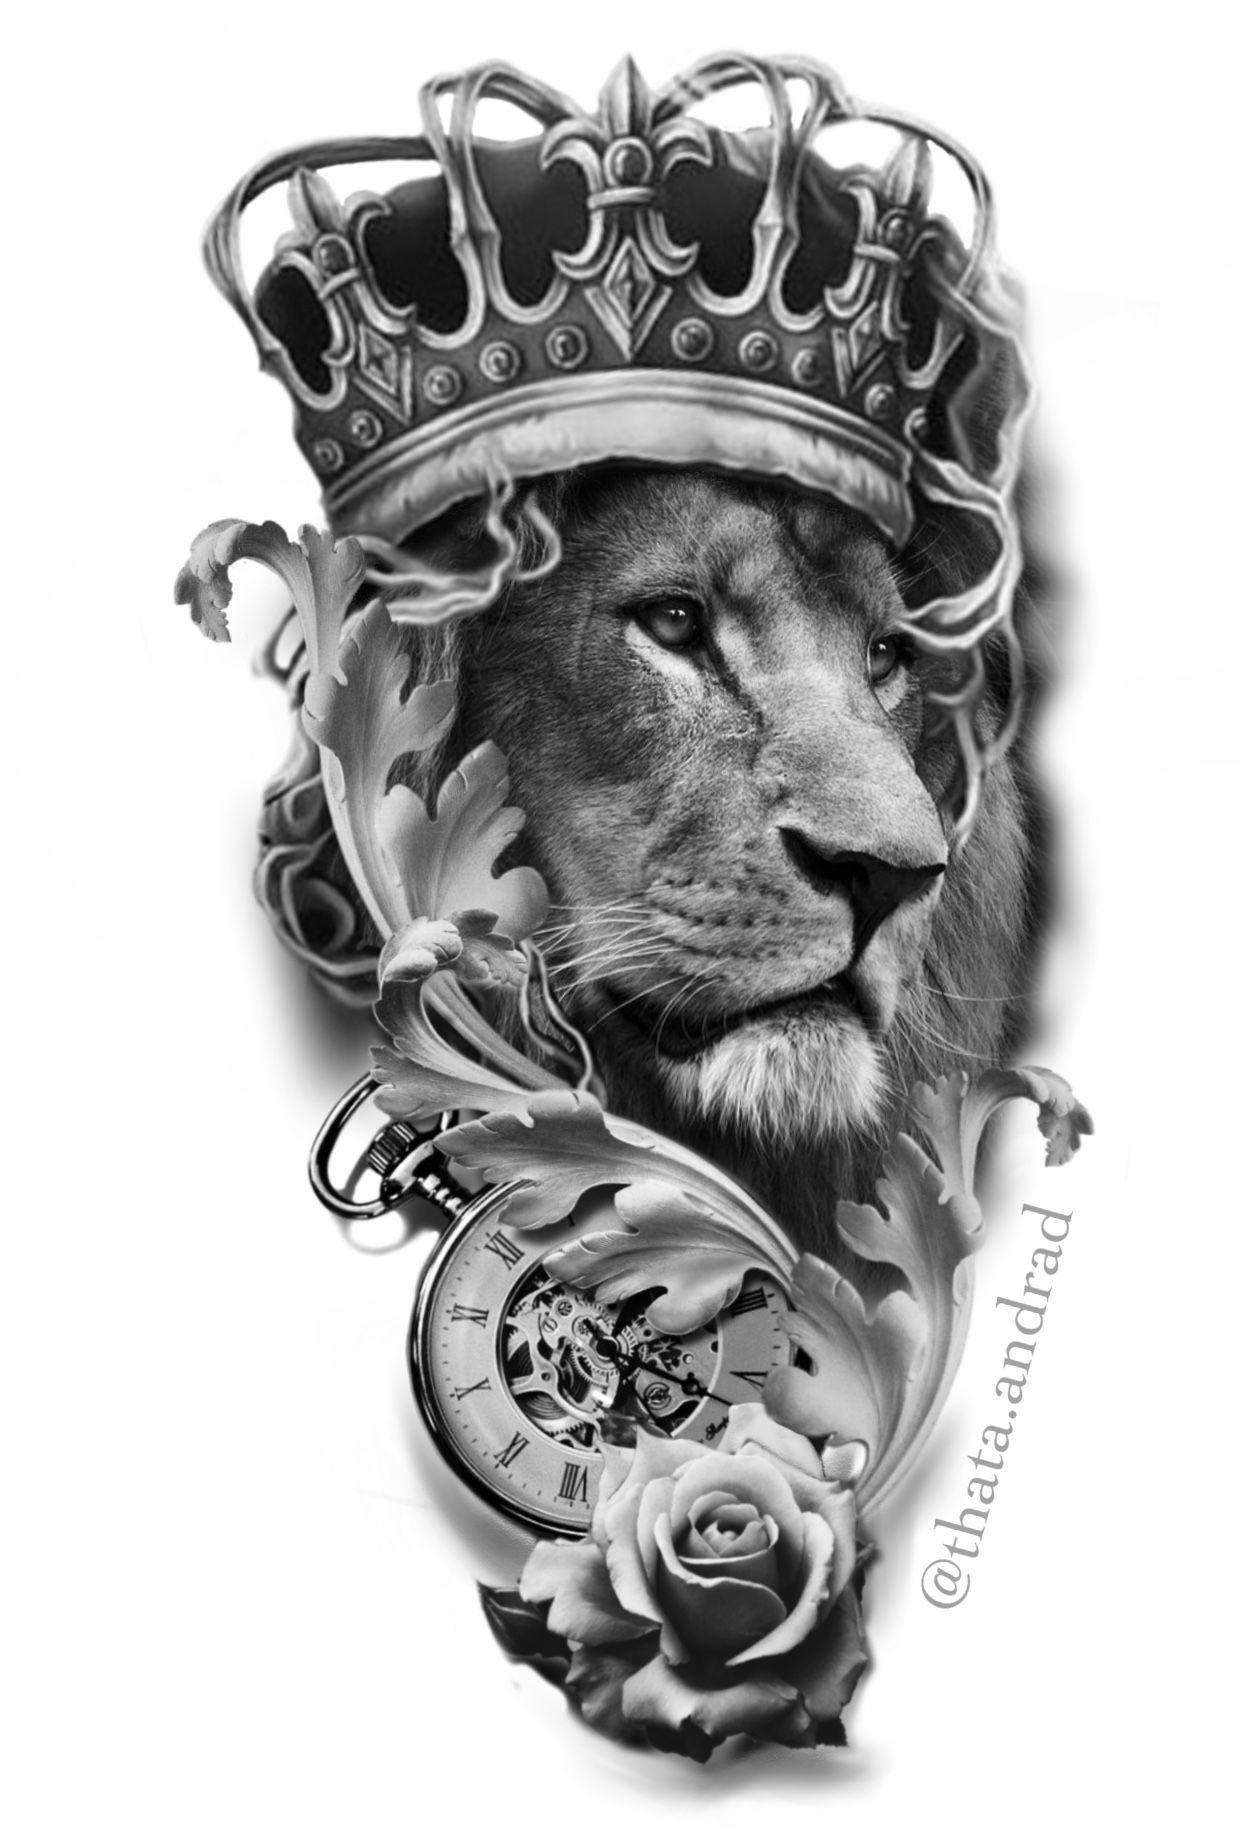 Pin De Kendra Manson Em Lion Tattoo Tatuagem Masculina Tatuagens No Antebraco Dos Homens Lion Tatuagem